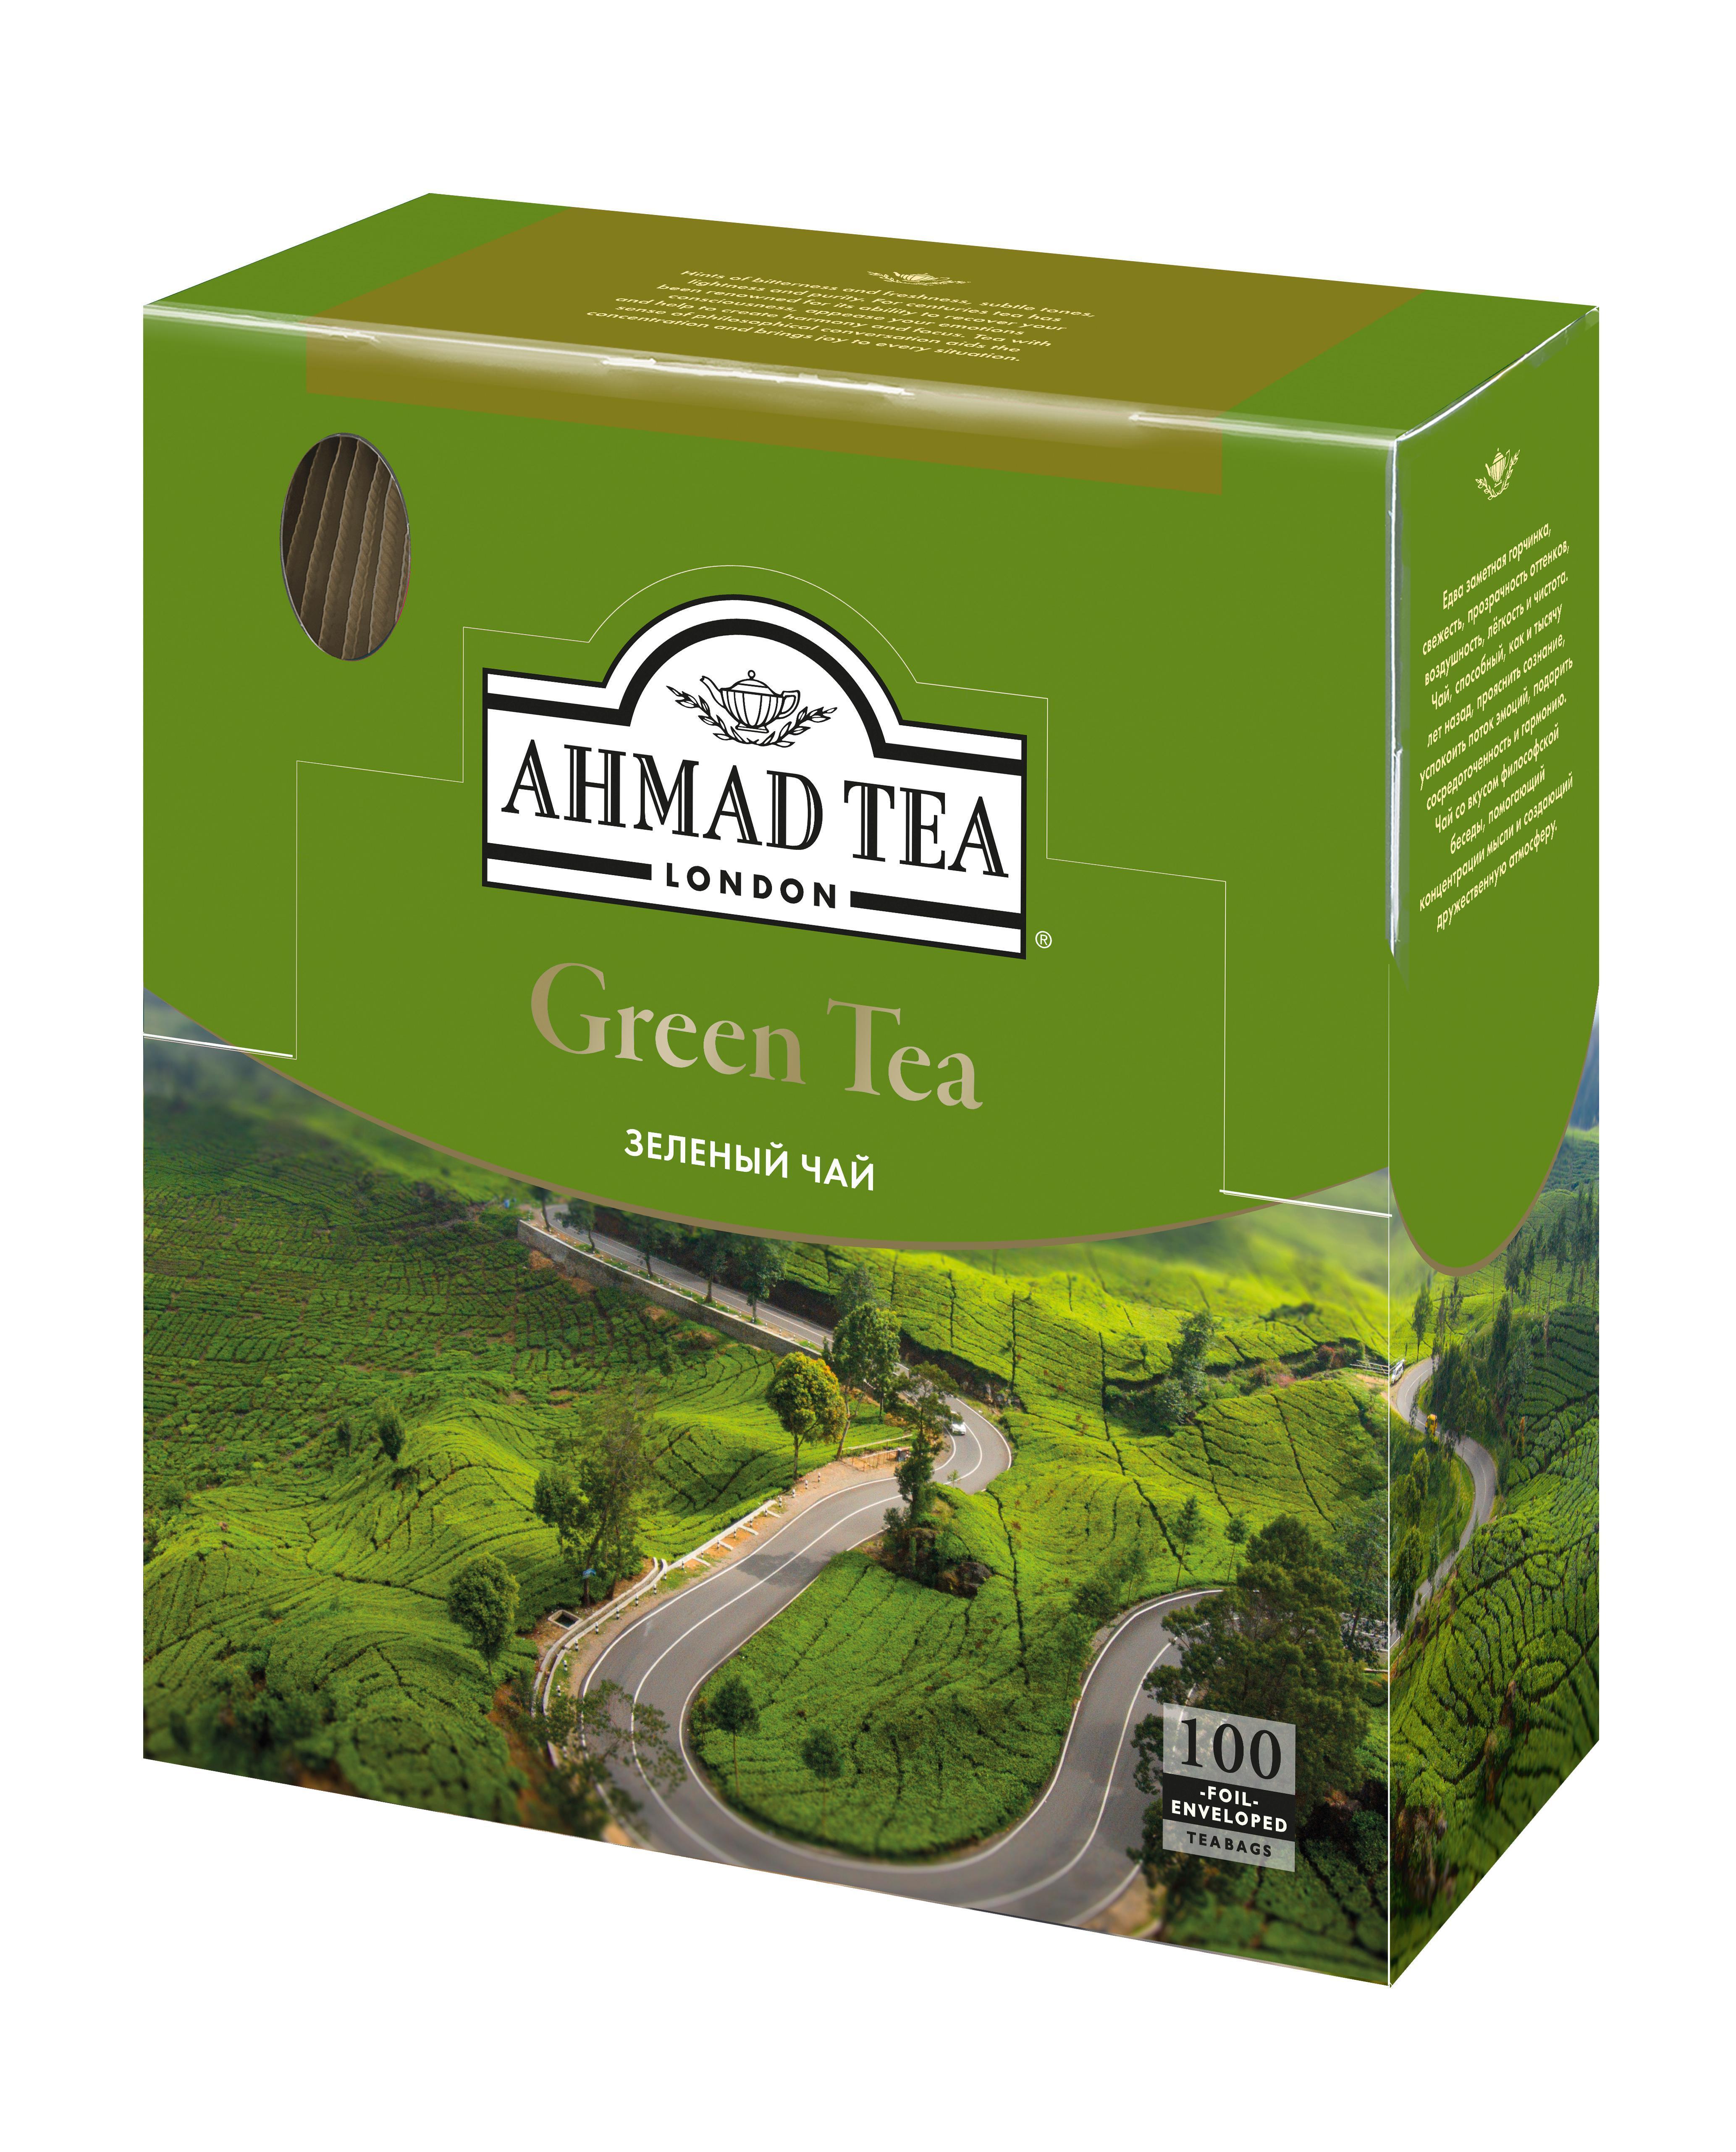 Чай Ahmad Tea зеленый в пакетиках